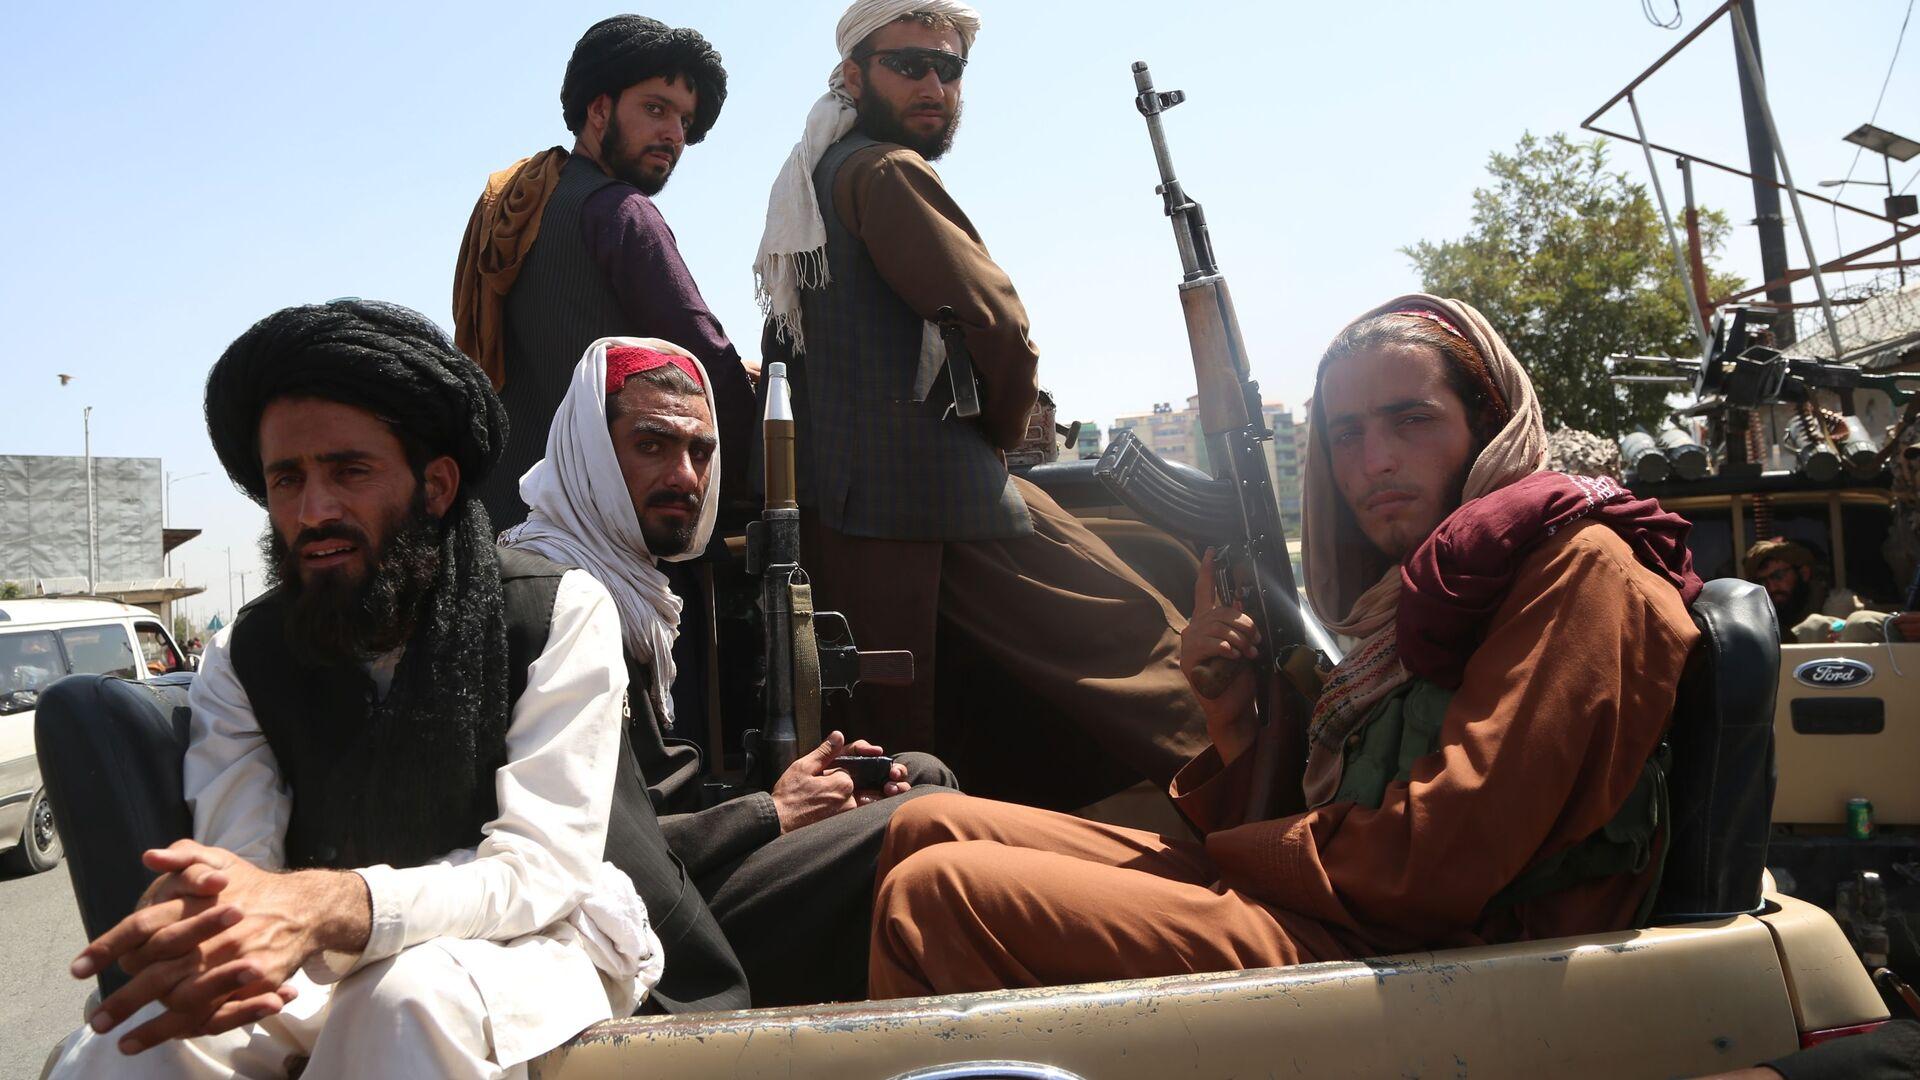 Talibans à Kaboul après la reprise du pouvoir - Sputnik France, 1920, 24.08.2021